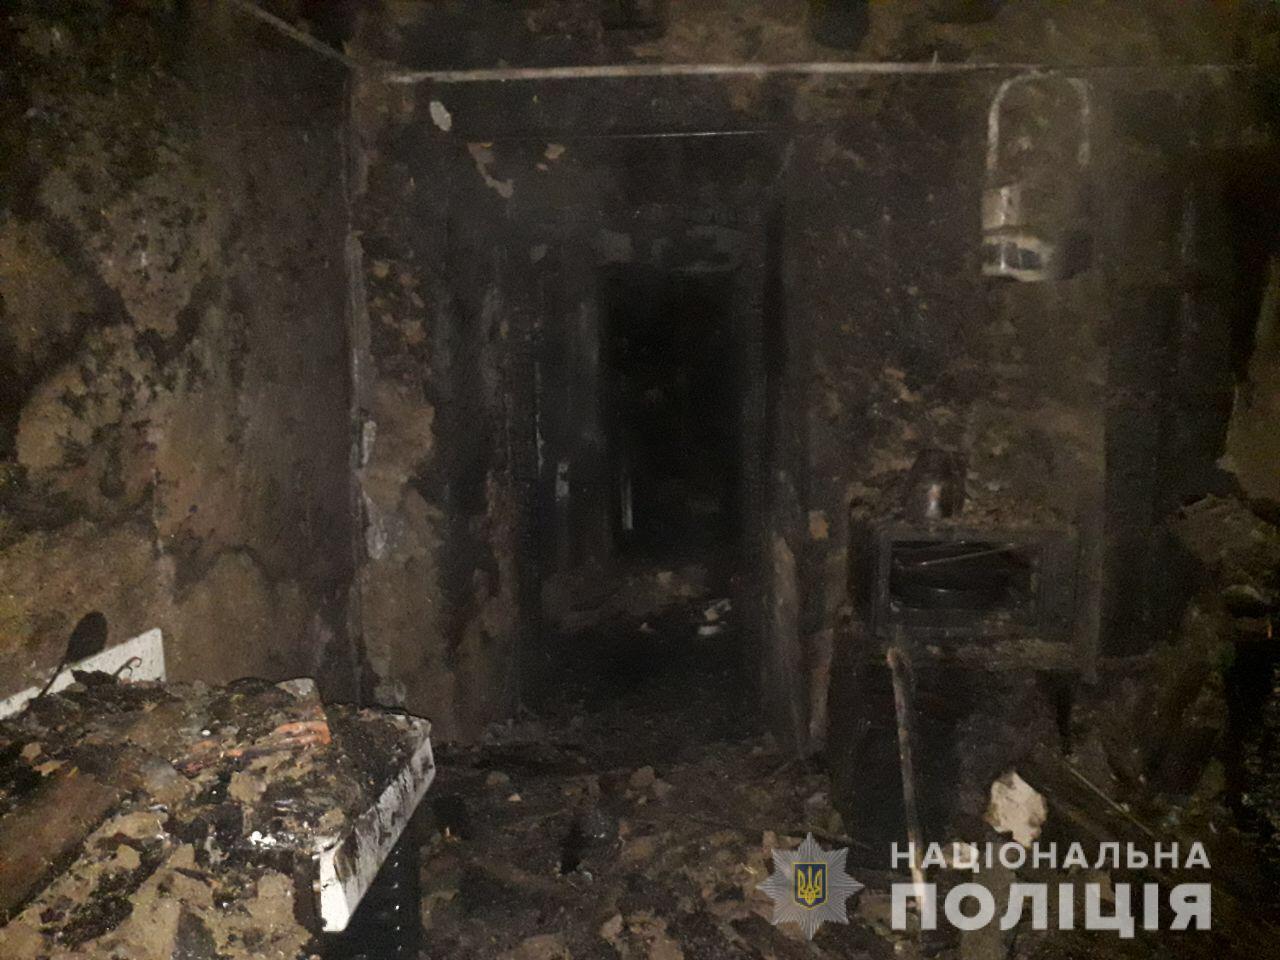 На Запоріжжі згоріло двоє діток і їх дядько, мати повісилася через хвилювання